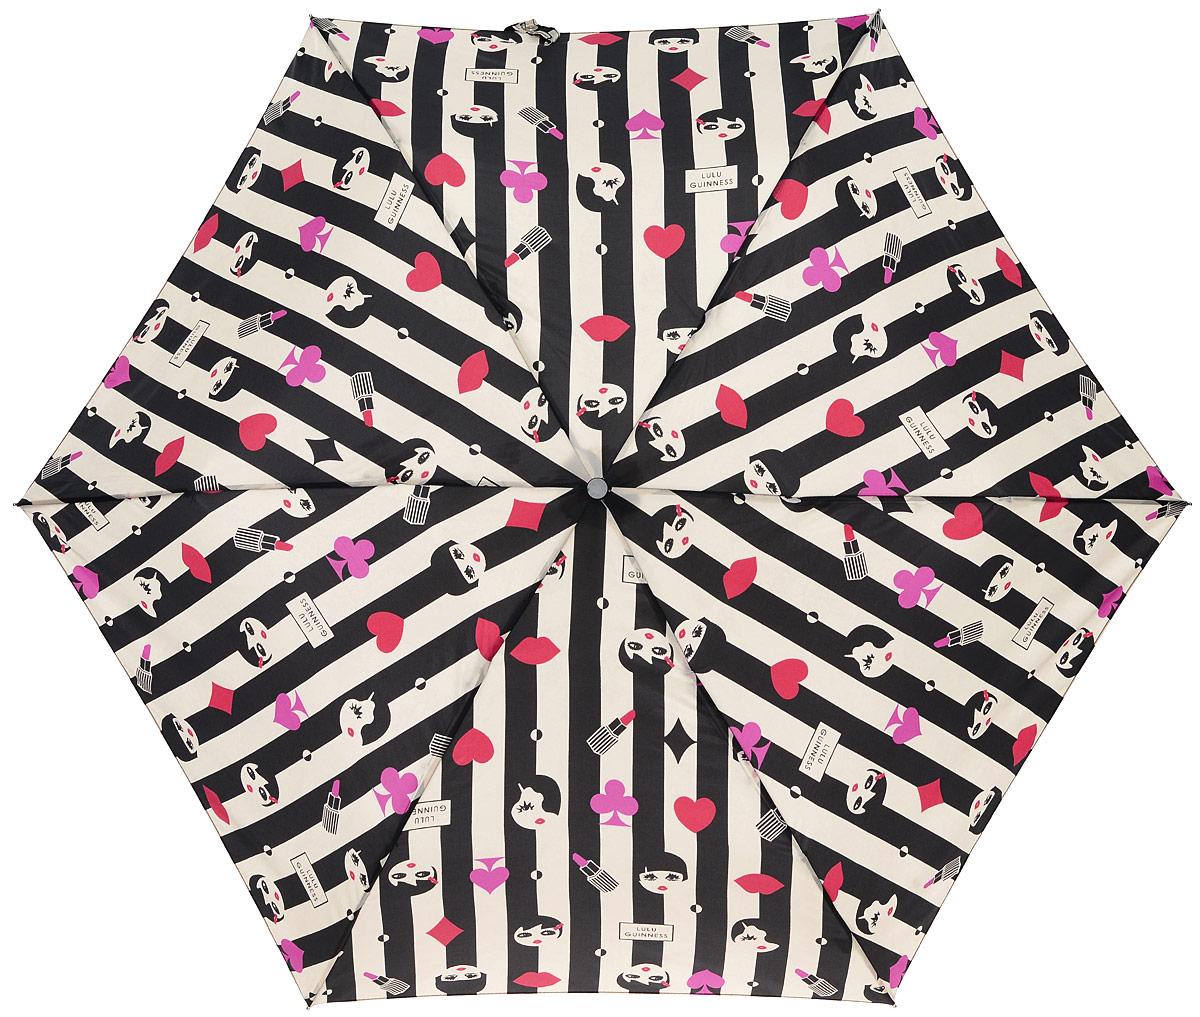 Зонт женский Lulu Guinness Superslim, механический, 3 сложения, цвет: черный, бежевый. L718-2683L718-2683 DollFaceIconСтильный механический зонт Lulu Guinness Superslim в 3 сложения даже в ненастную погоду позволит вам оставаться элегантной. Облегченный каркас зонта выполнен из 6 спиц из фибергласса и алюминия, стержень также изготовлен из алюминия, удобная рукоятка - из пластика. Купол зонта выполнен из прочного полиэстера. В закрытом виде застегивается хлястиком на кнопке. Яркий оригинальный орнамент поднимет настроение в дождливый день. Зонт механического сложения: купол открывается и закрывается вручную до характерного щелчка. На рукоятке для удобства есть небольшой шнурок, позволяющий надеть зонт на руку тогда, когда это будет необходимо. К зонту прилагается чехол, который застегивается на липучку. Чехол оформлен нашивкой с названием бренда. Такой зонт компактно располагается в кармане, сумочке, дверке автомобиля.